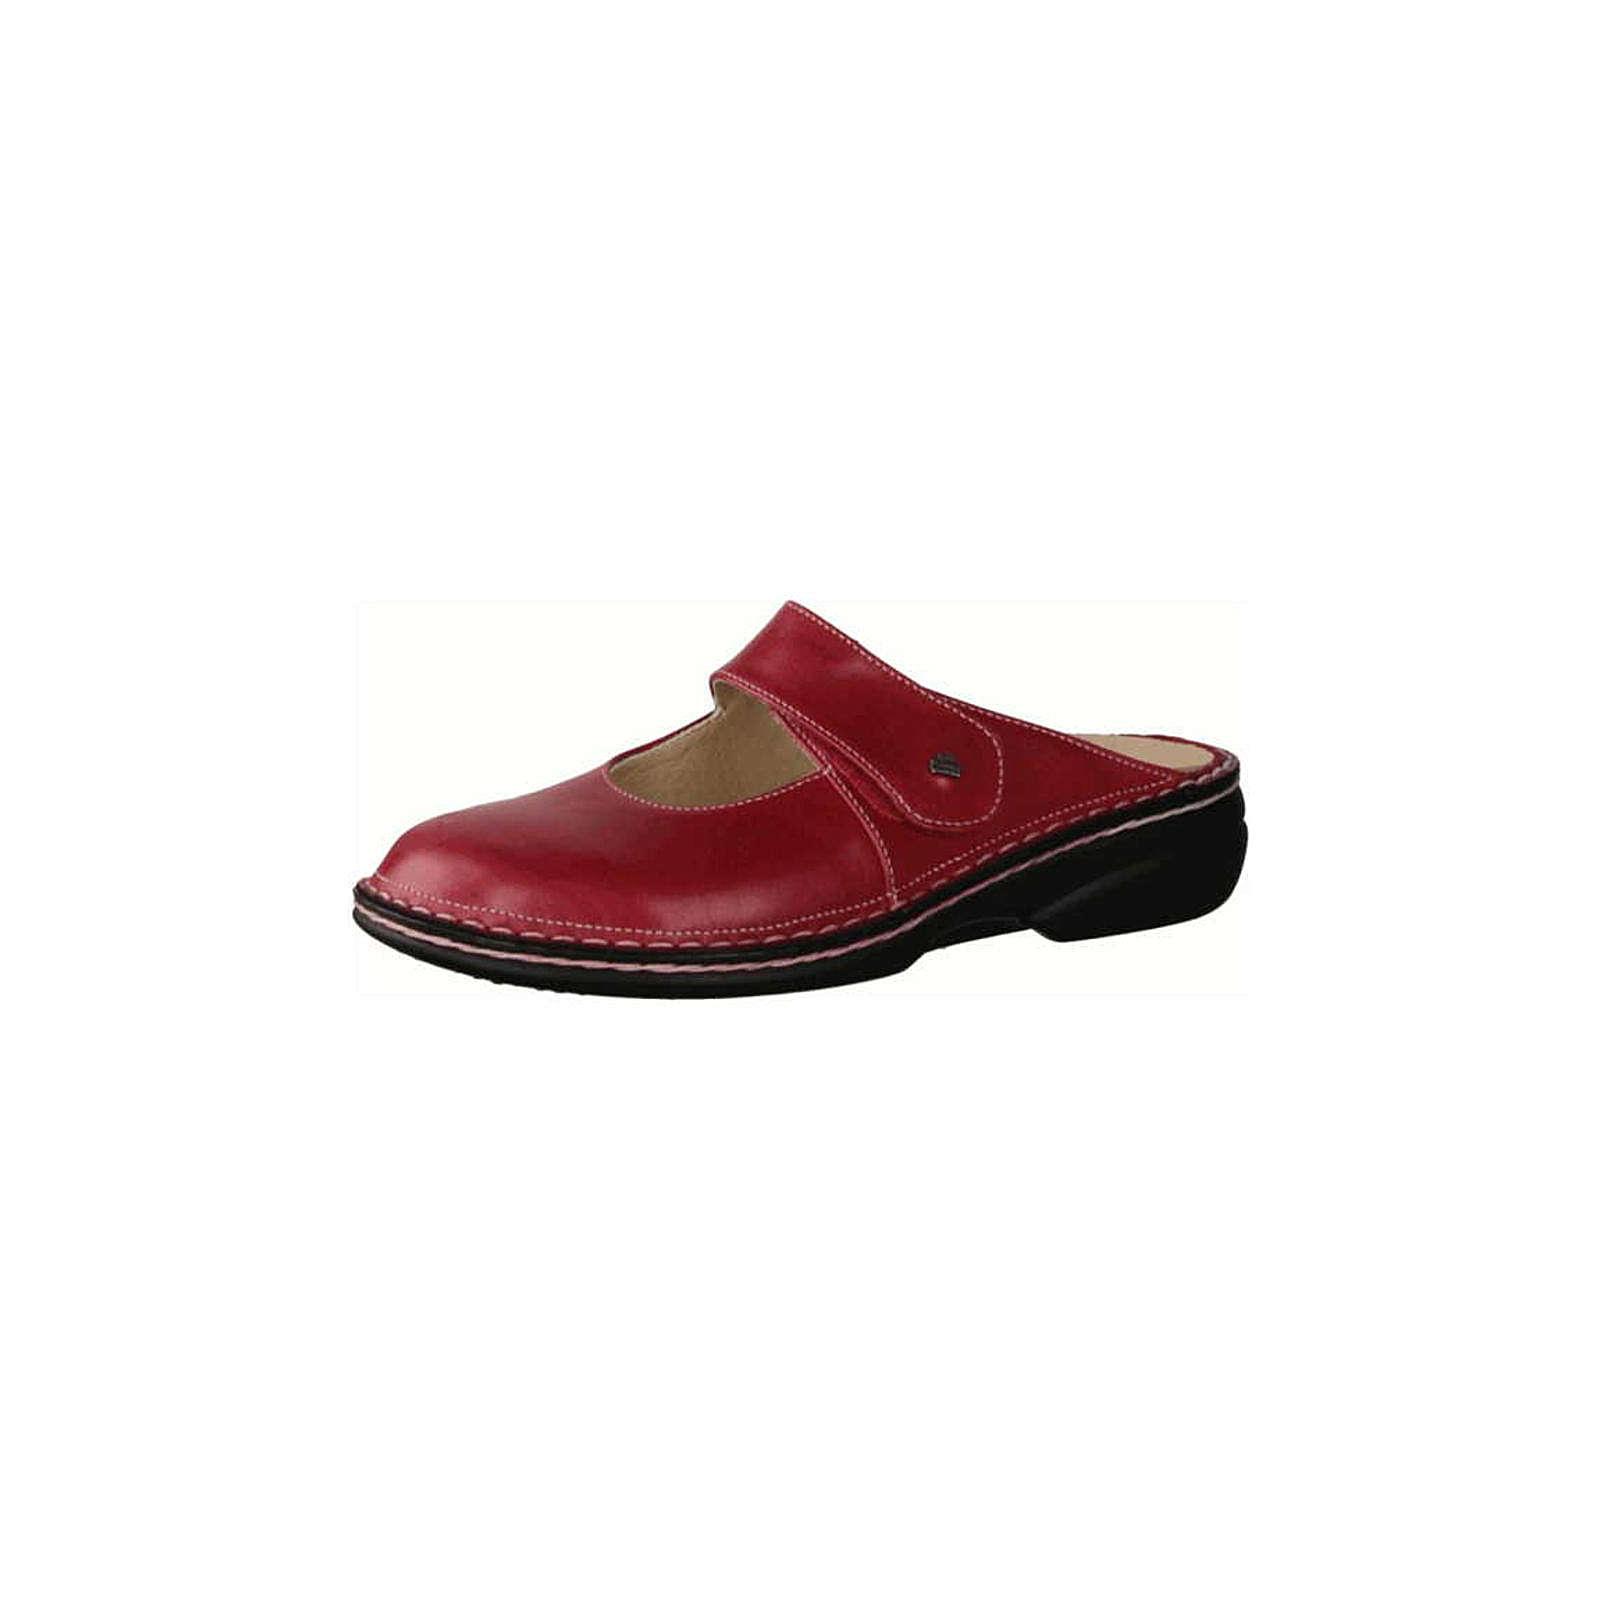 Finn Comfort Pantoletten rot rot Damen Gr. 37